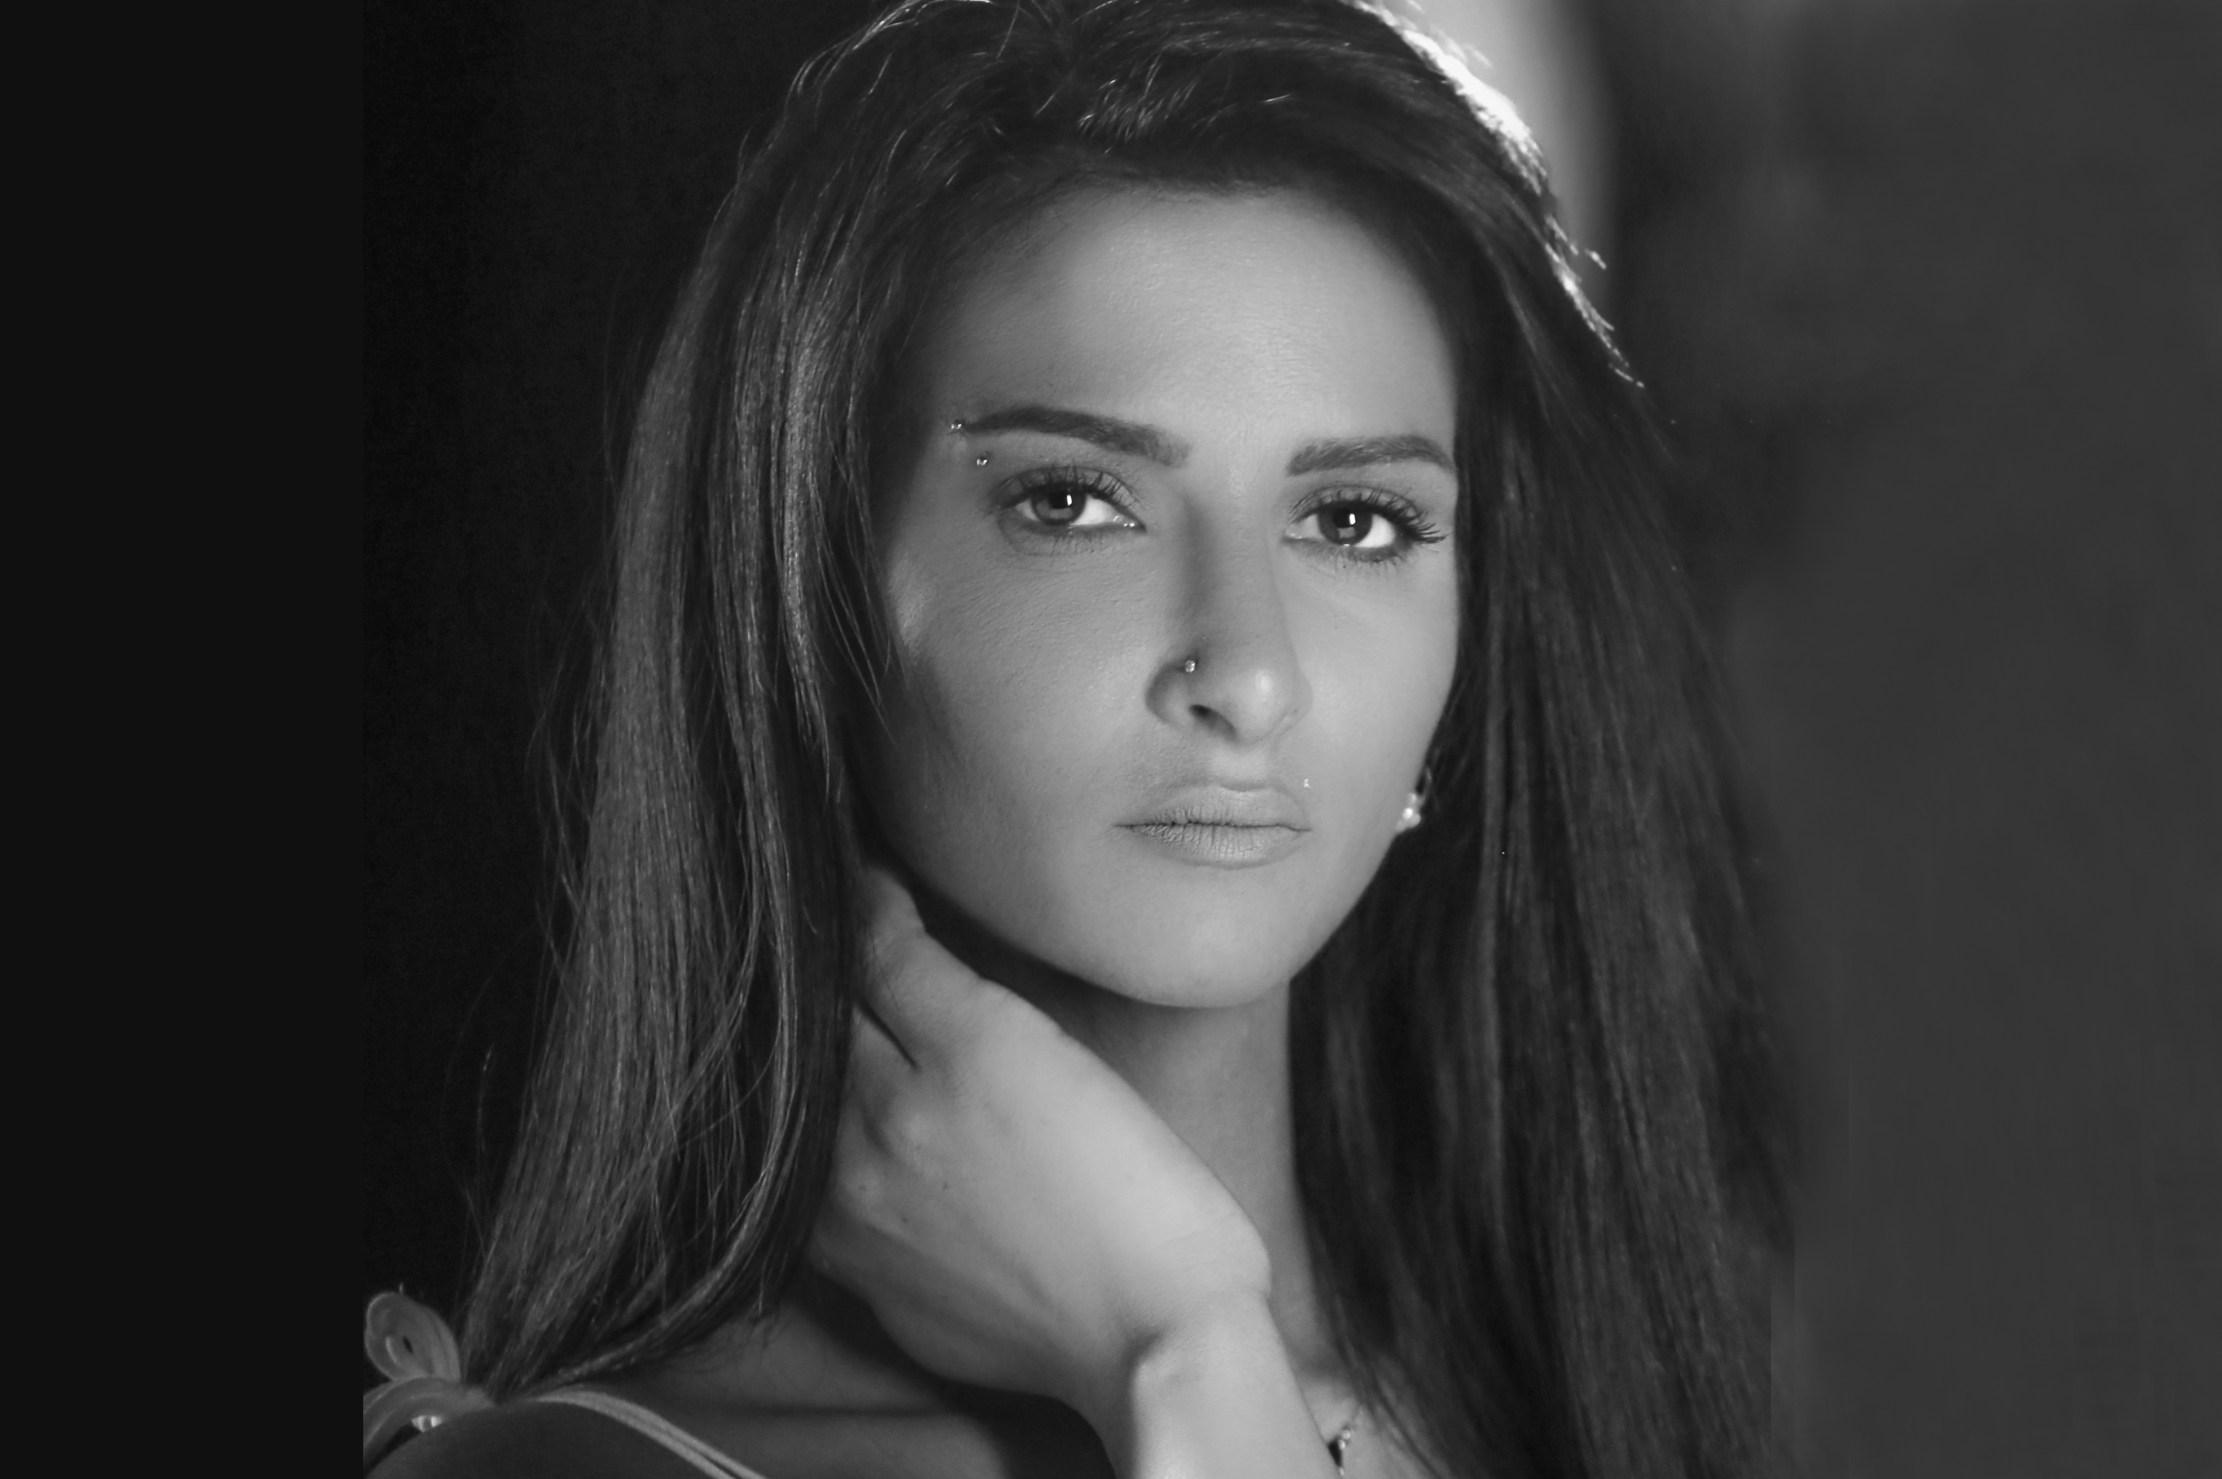 فيديو| الفنانة بسيم تطلق «بدي عيونك» أولى أغنياتها باللغة العربية